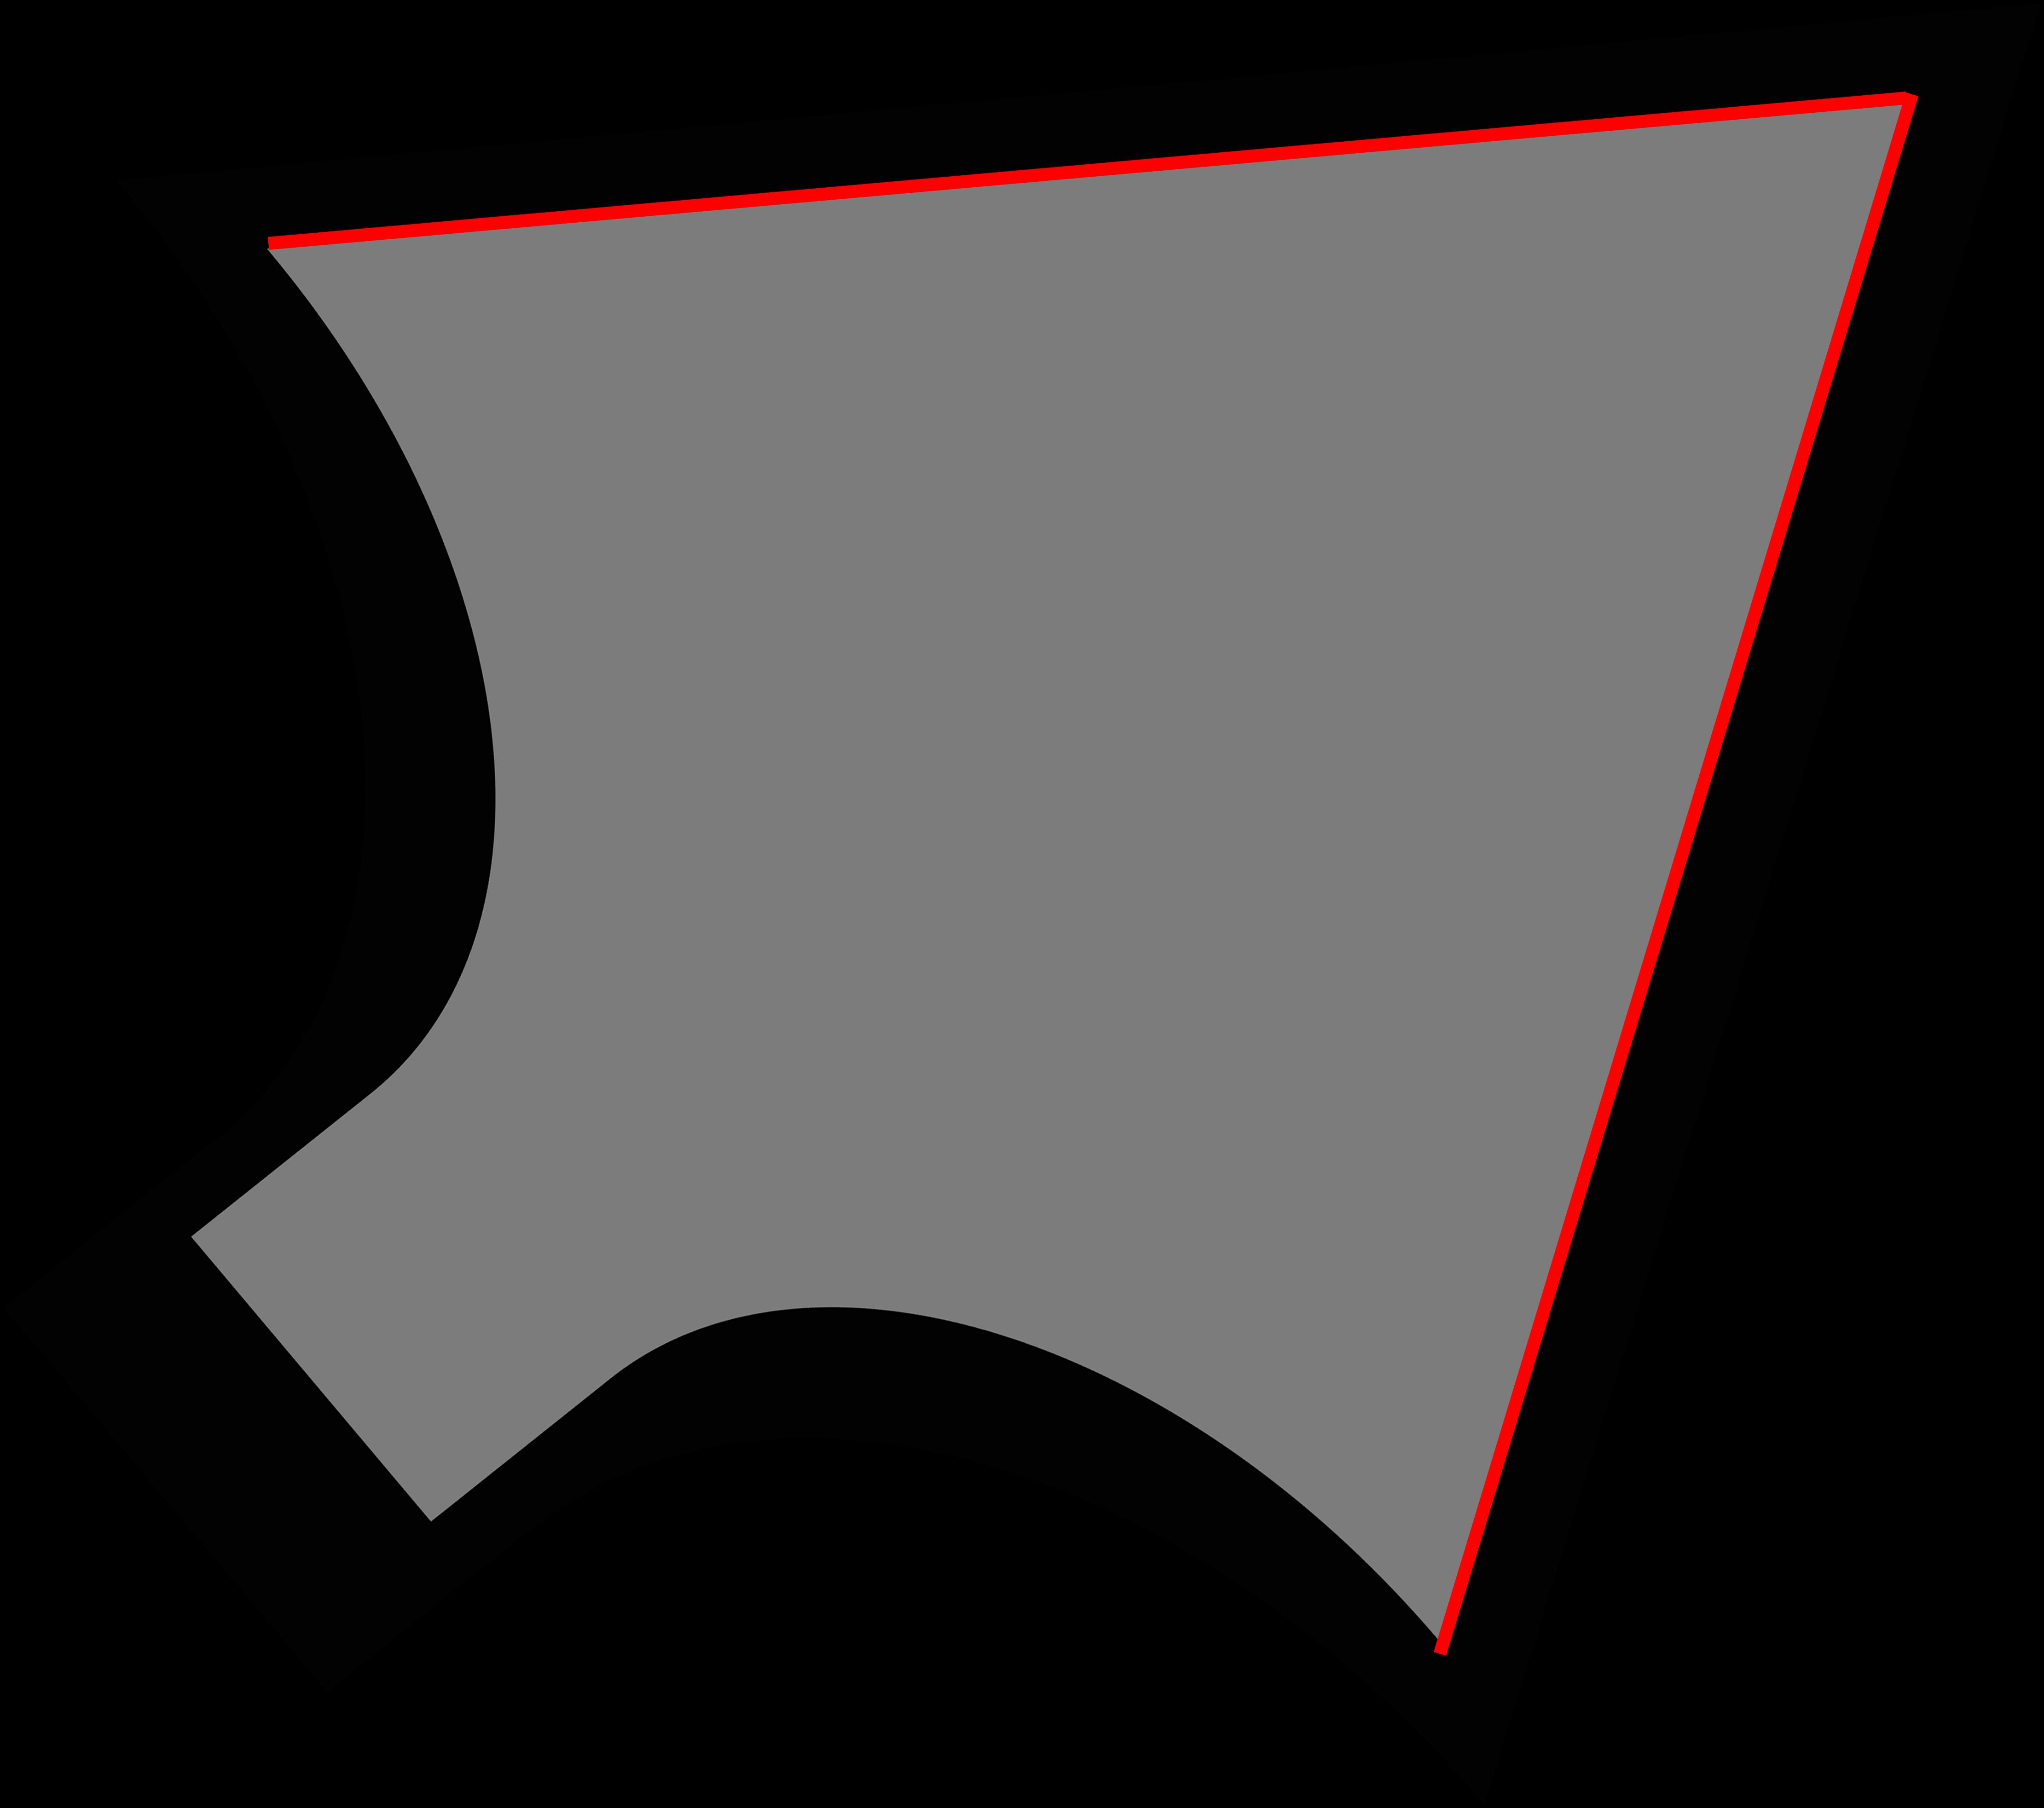 Jpg Royalty Free Stock Arrowhead Clipart Order Arrow.